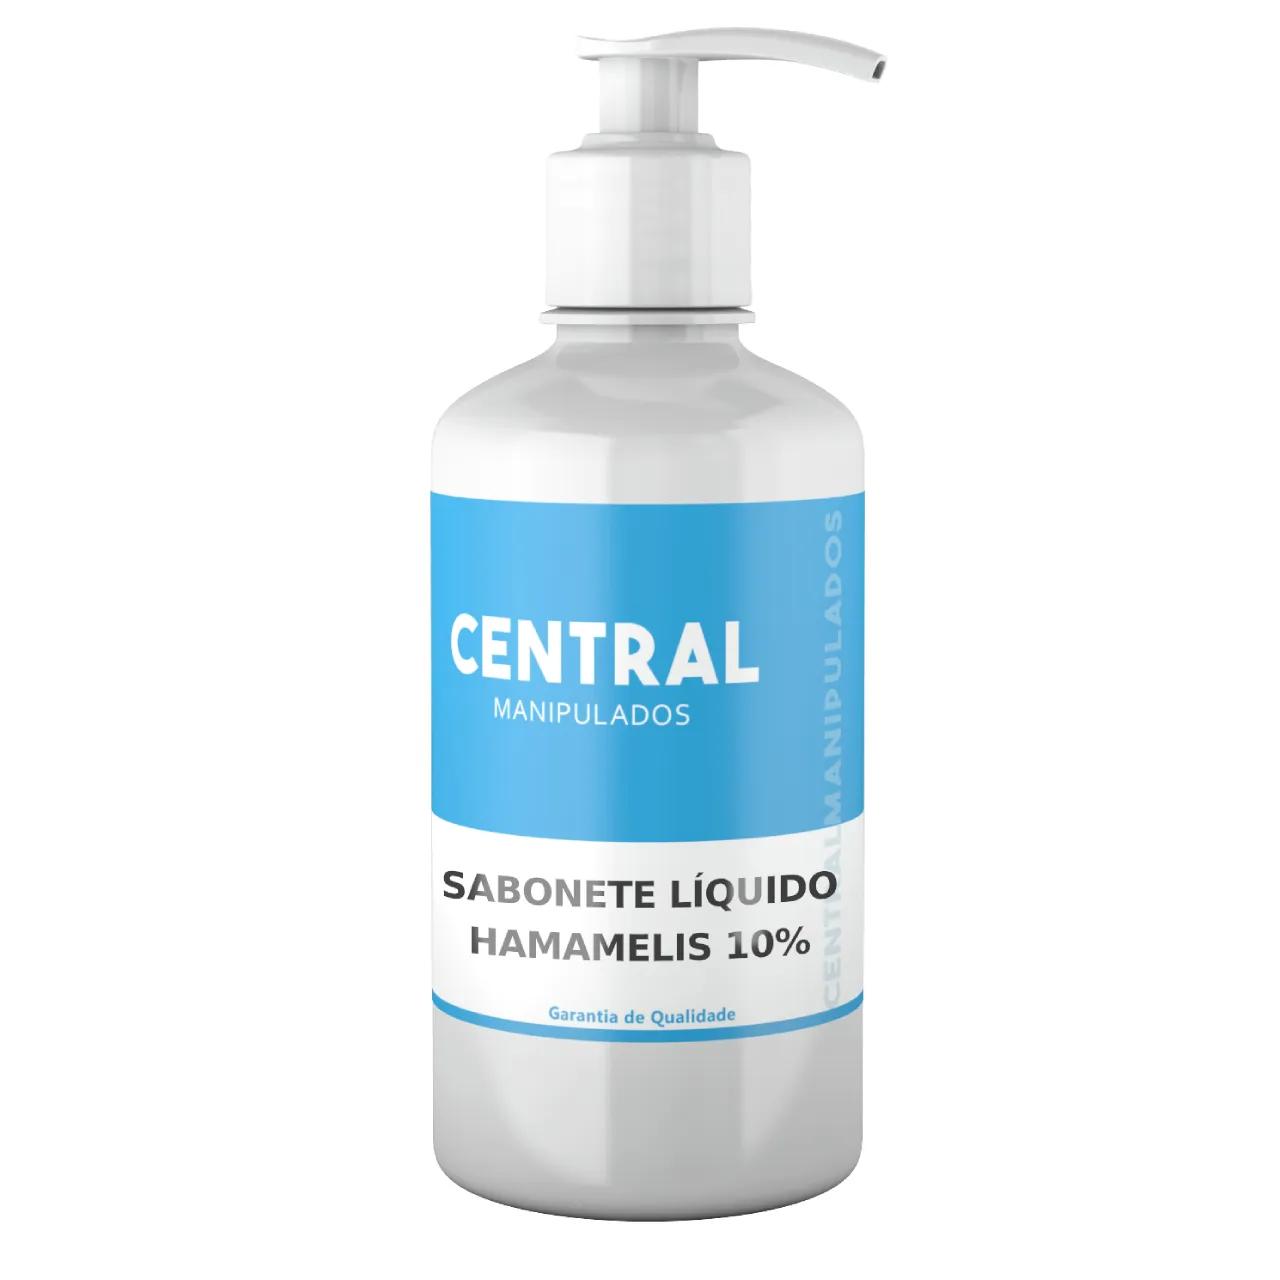 Hamamelis 10% - 100mL Sabonete Líquido - Anti inflamatório e Cicatrizante